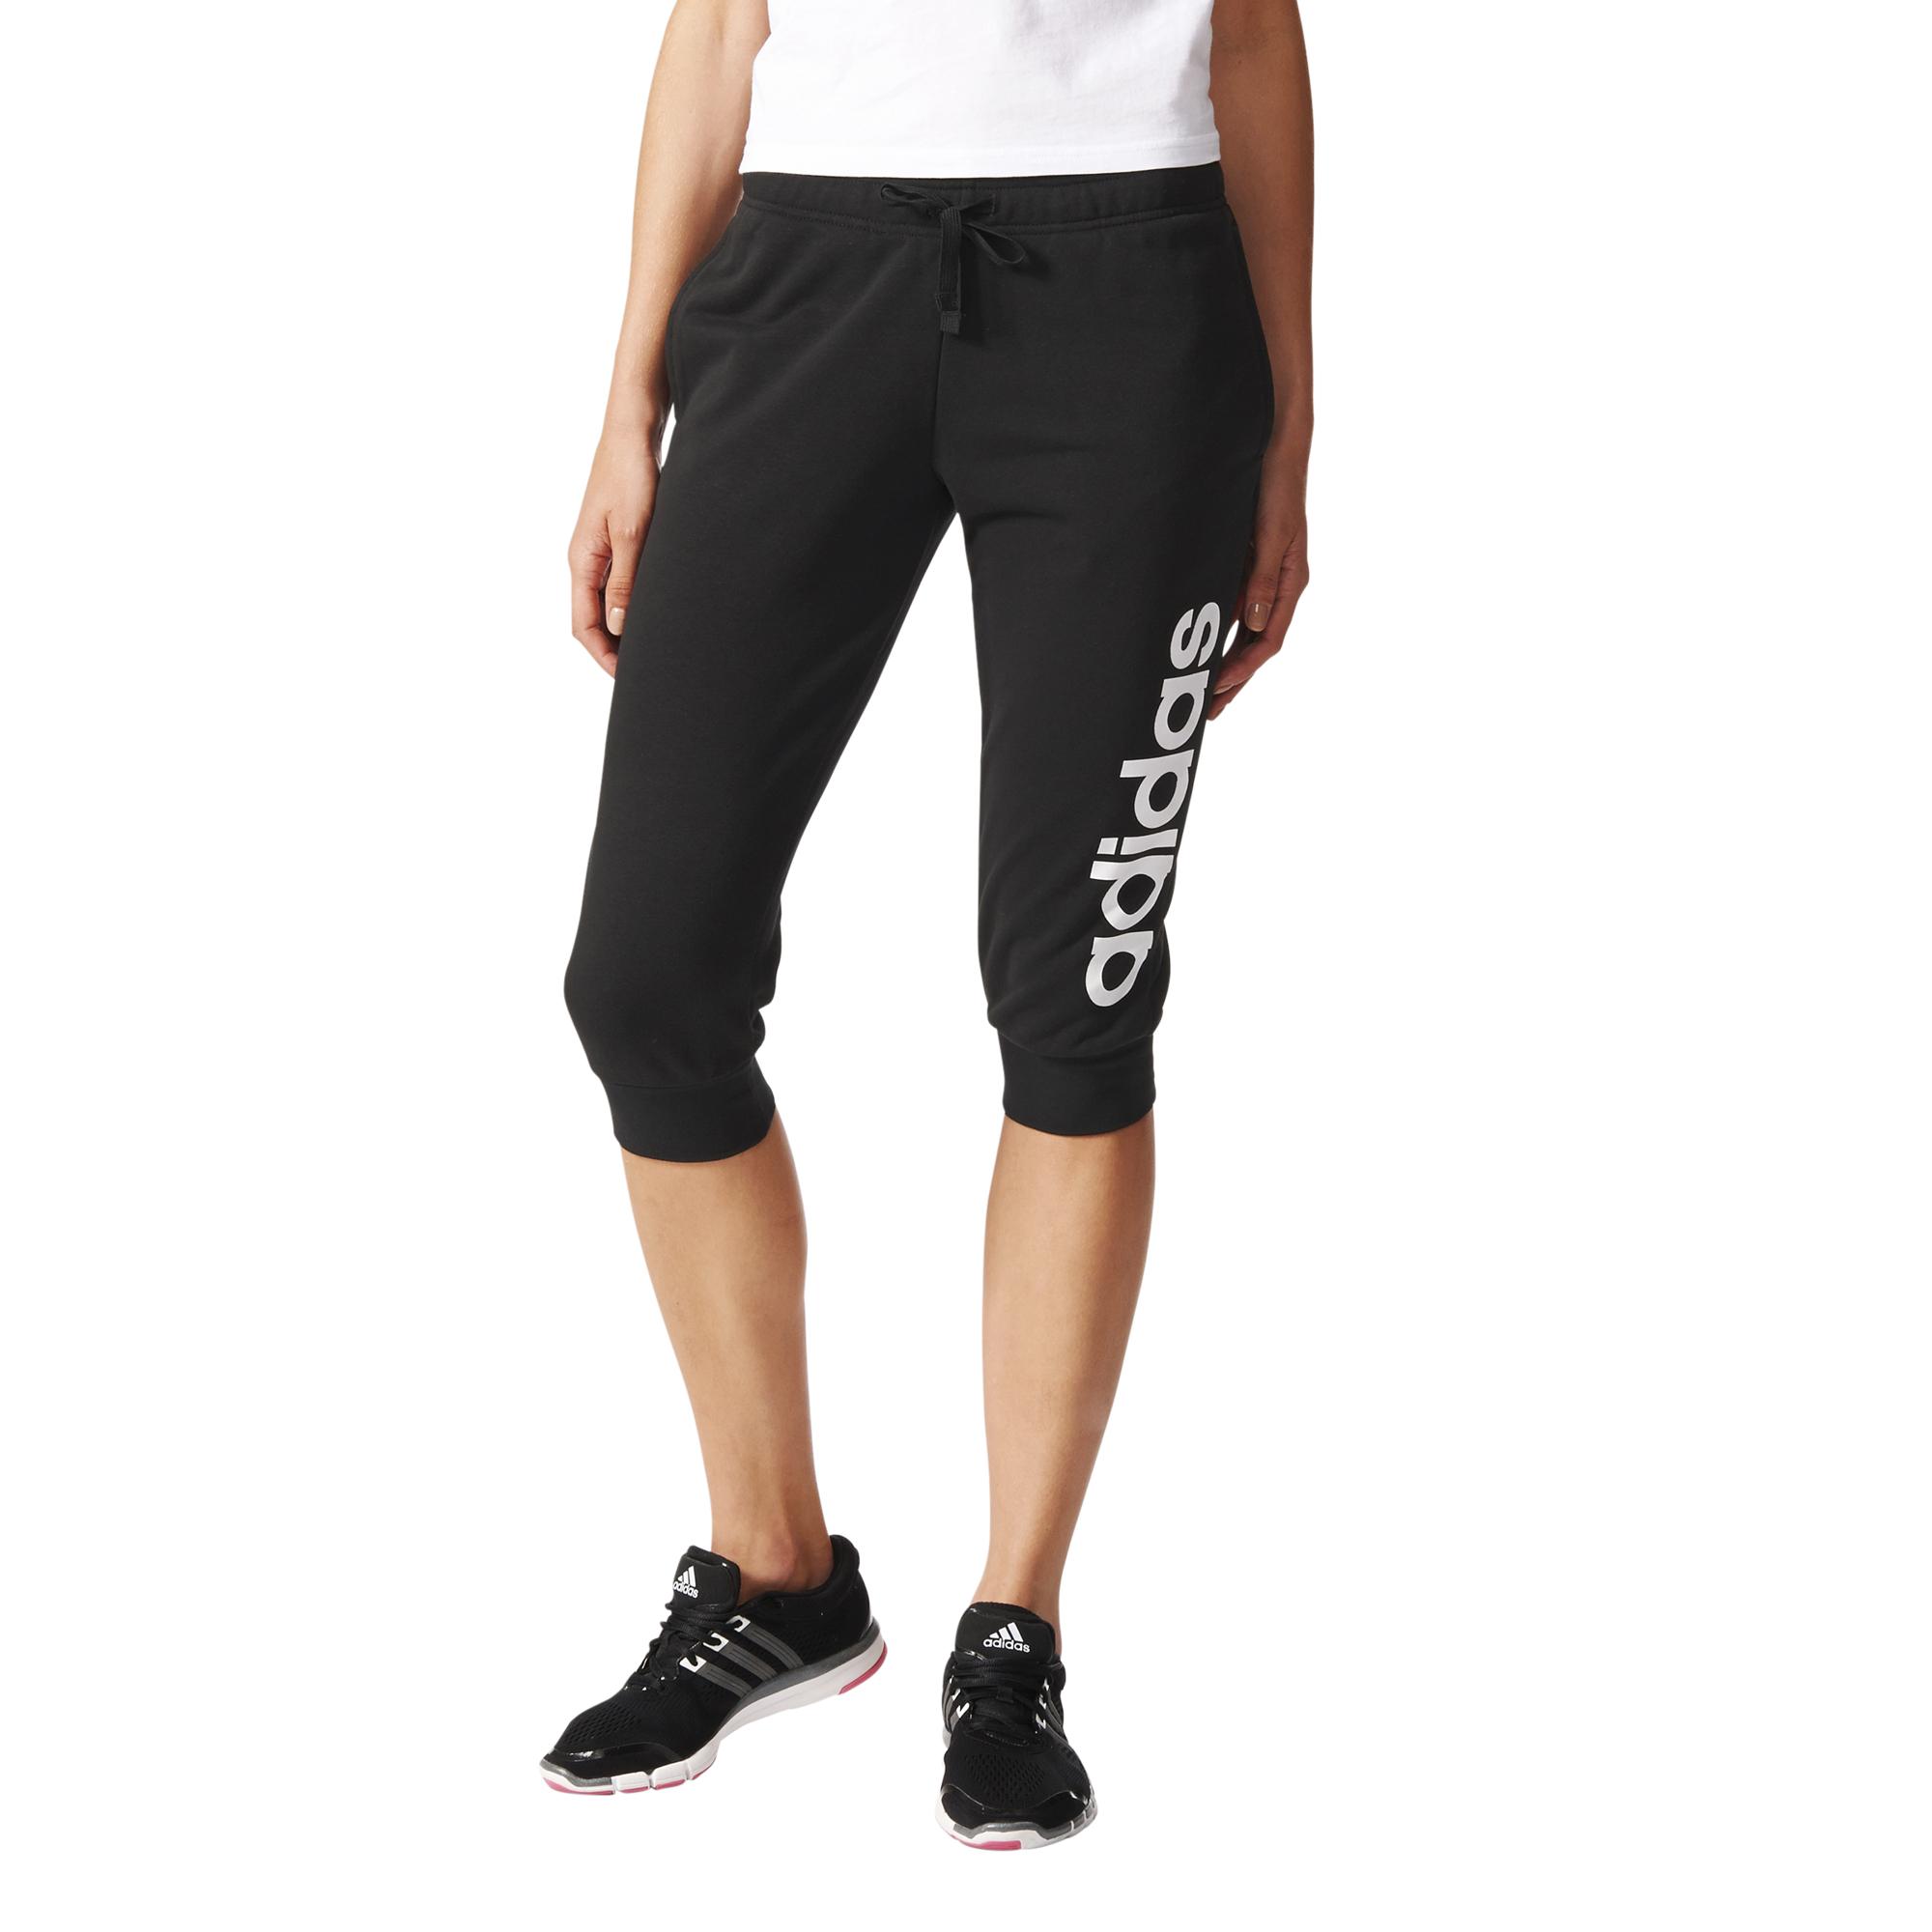 spodnie dresowe damskie adidas ze ściągaczami running